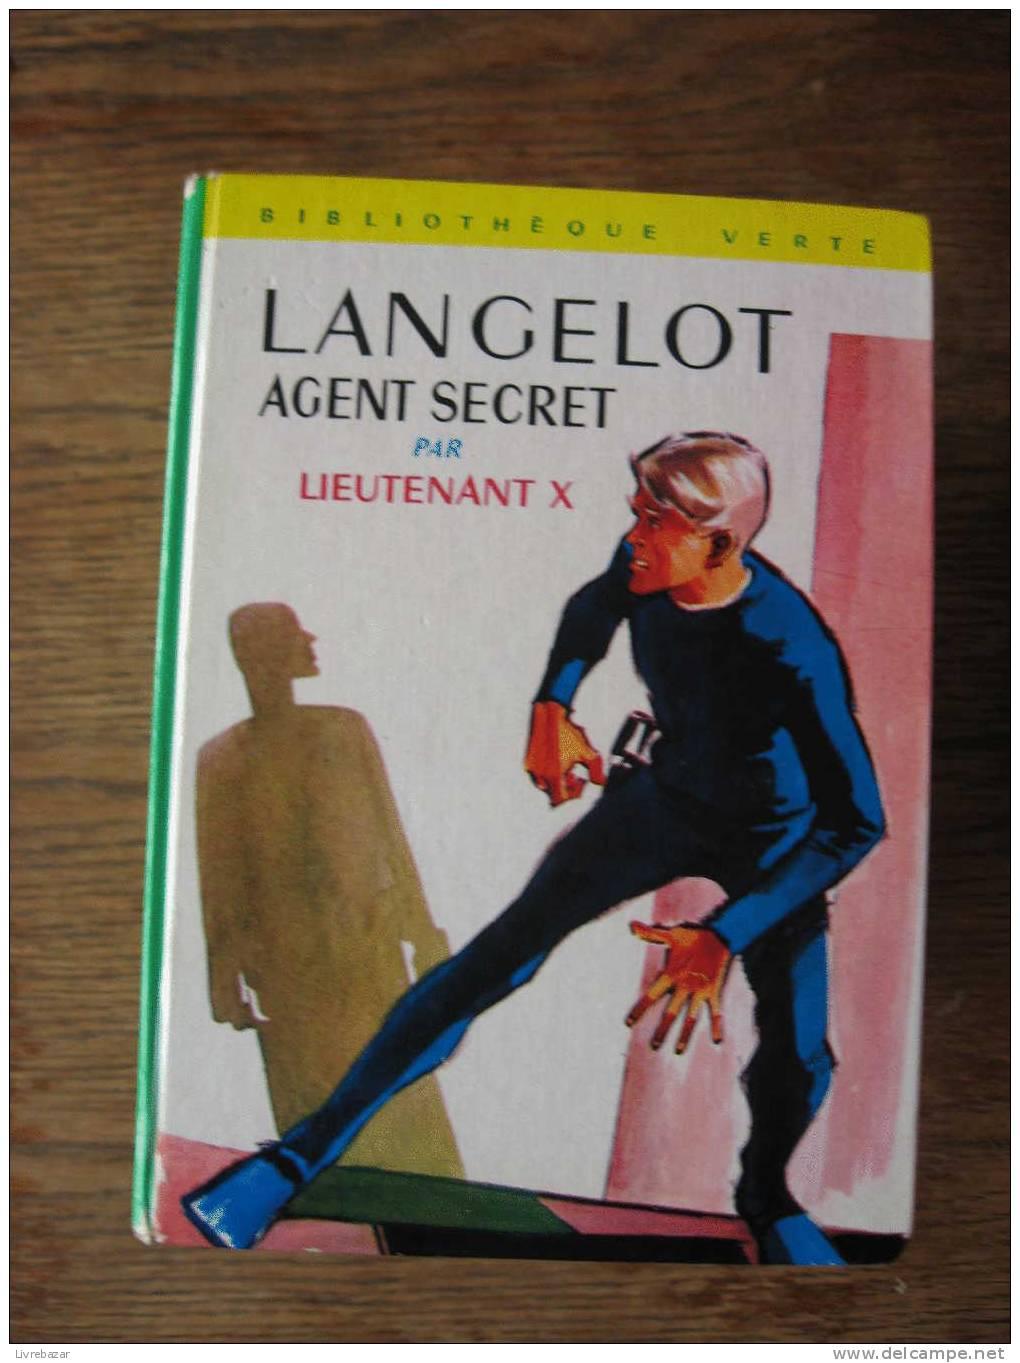 LANGELOT AGENT SECRET - Bibliotheque Verte